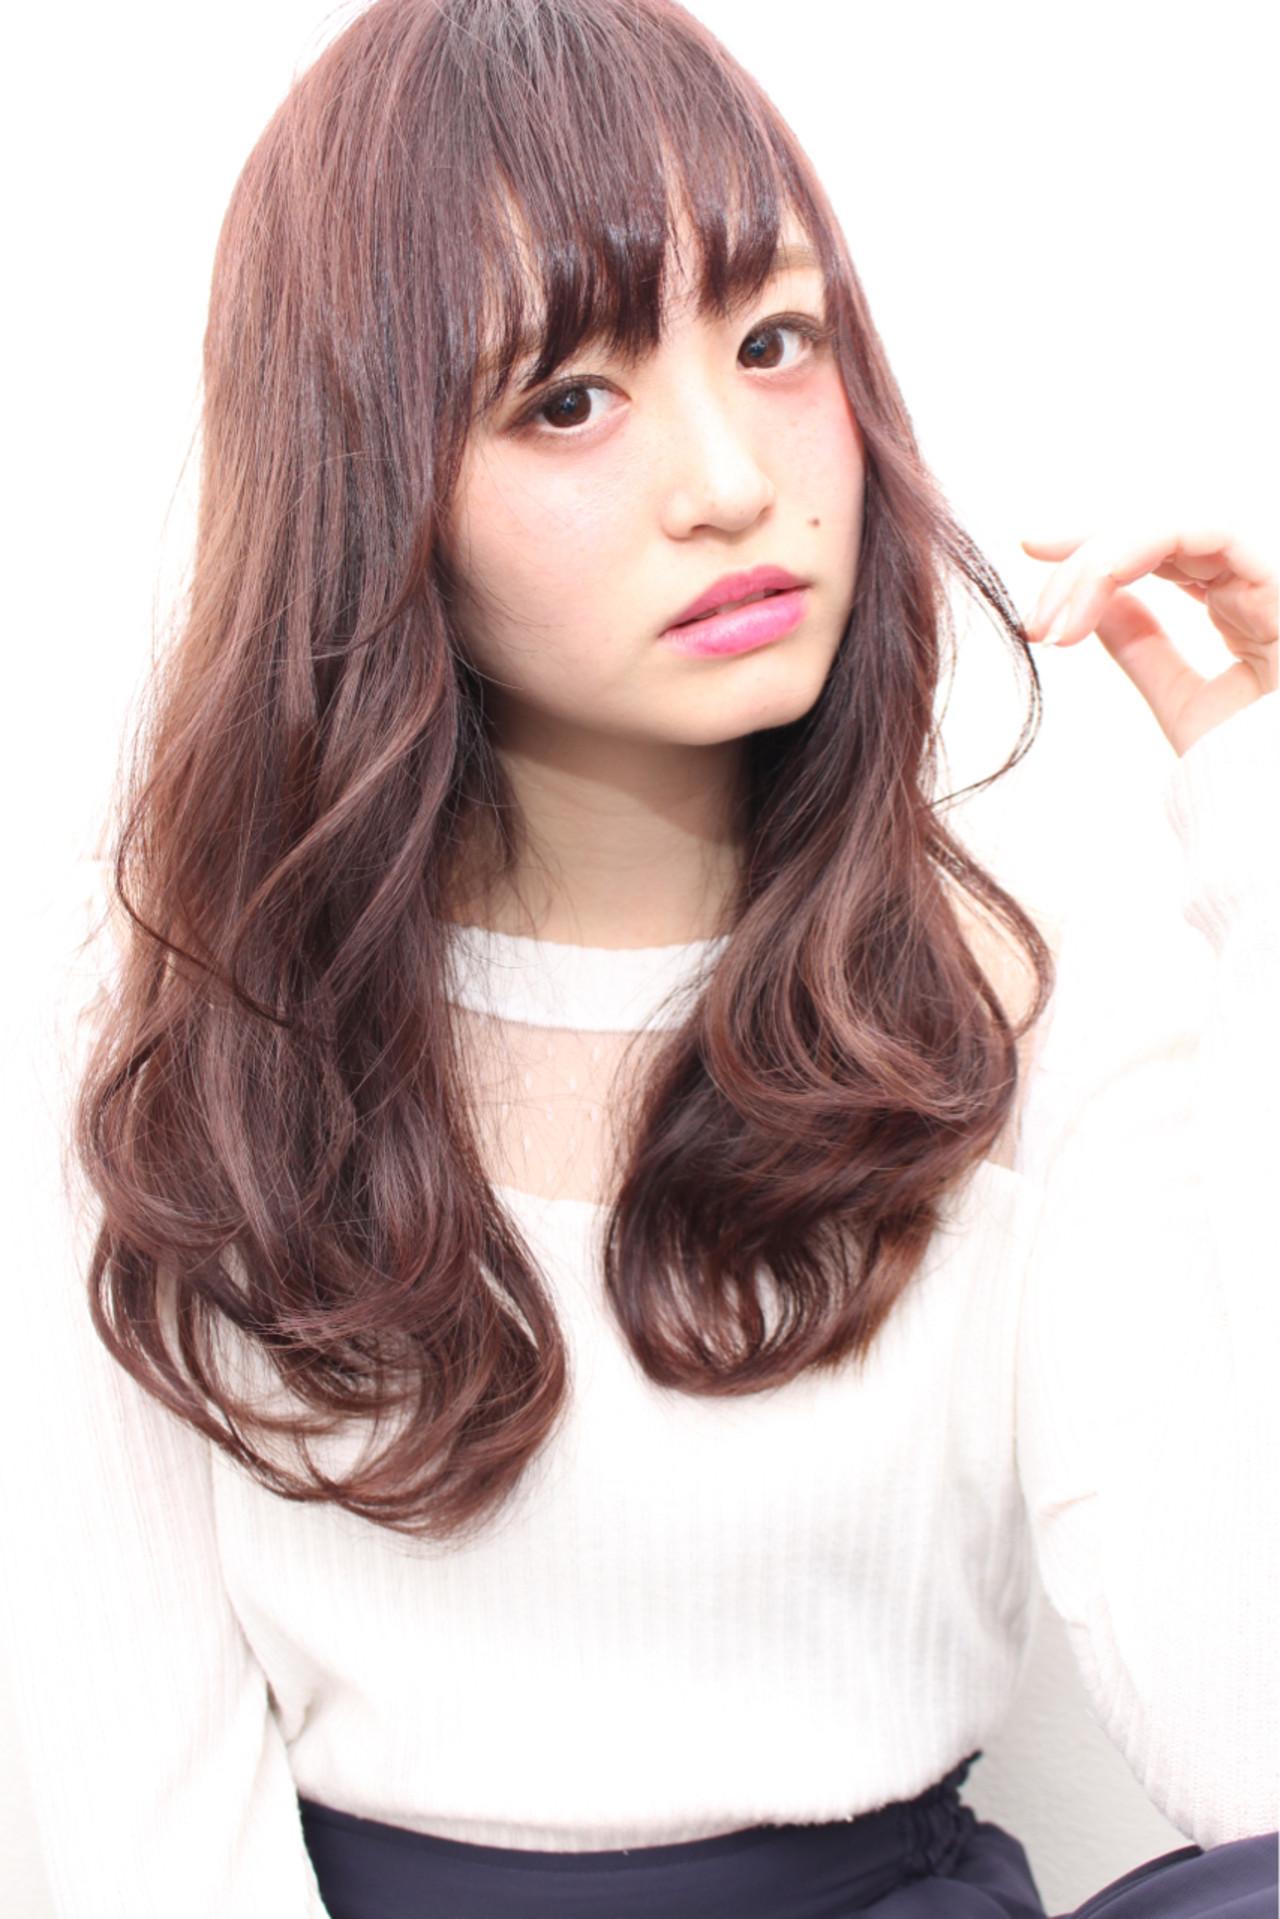 大人可愛いを狙うなら前髪ありロング♡ 尼子卓 | Hair salon Bi-ne